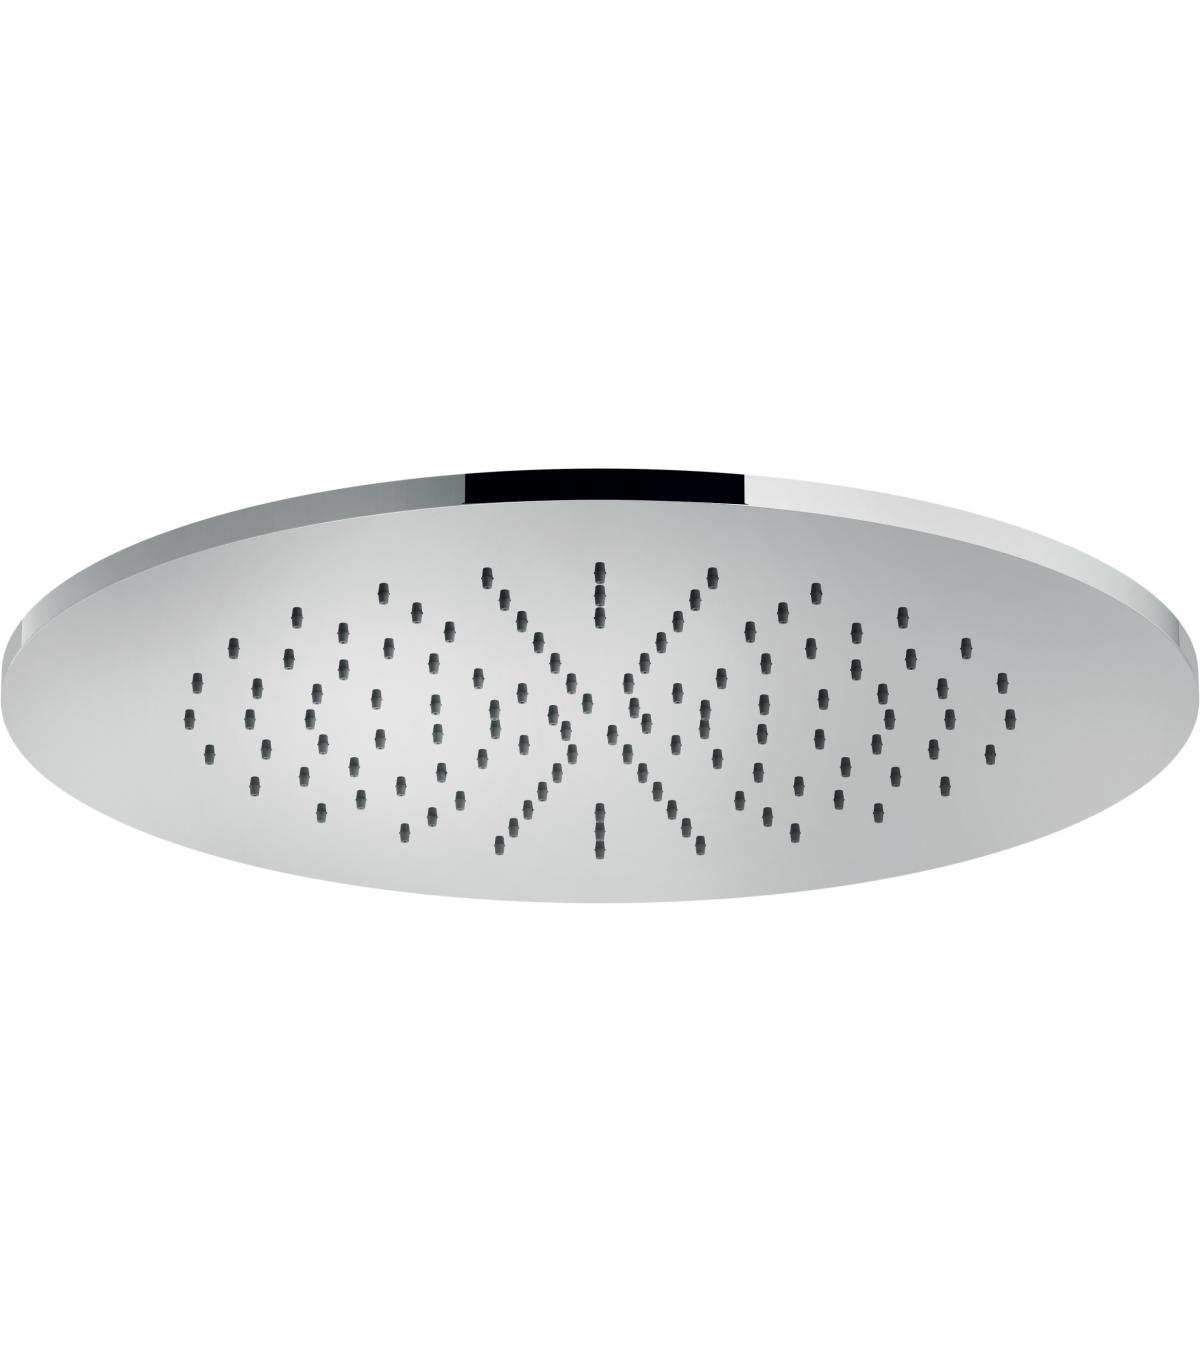 Kubo Box Doccia.Porte Pliante Pour Cabine De Douche Ideal Standard Collection Kubo